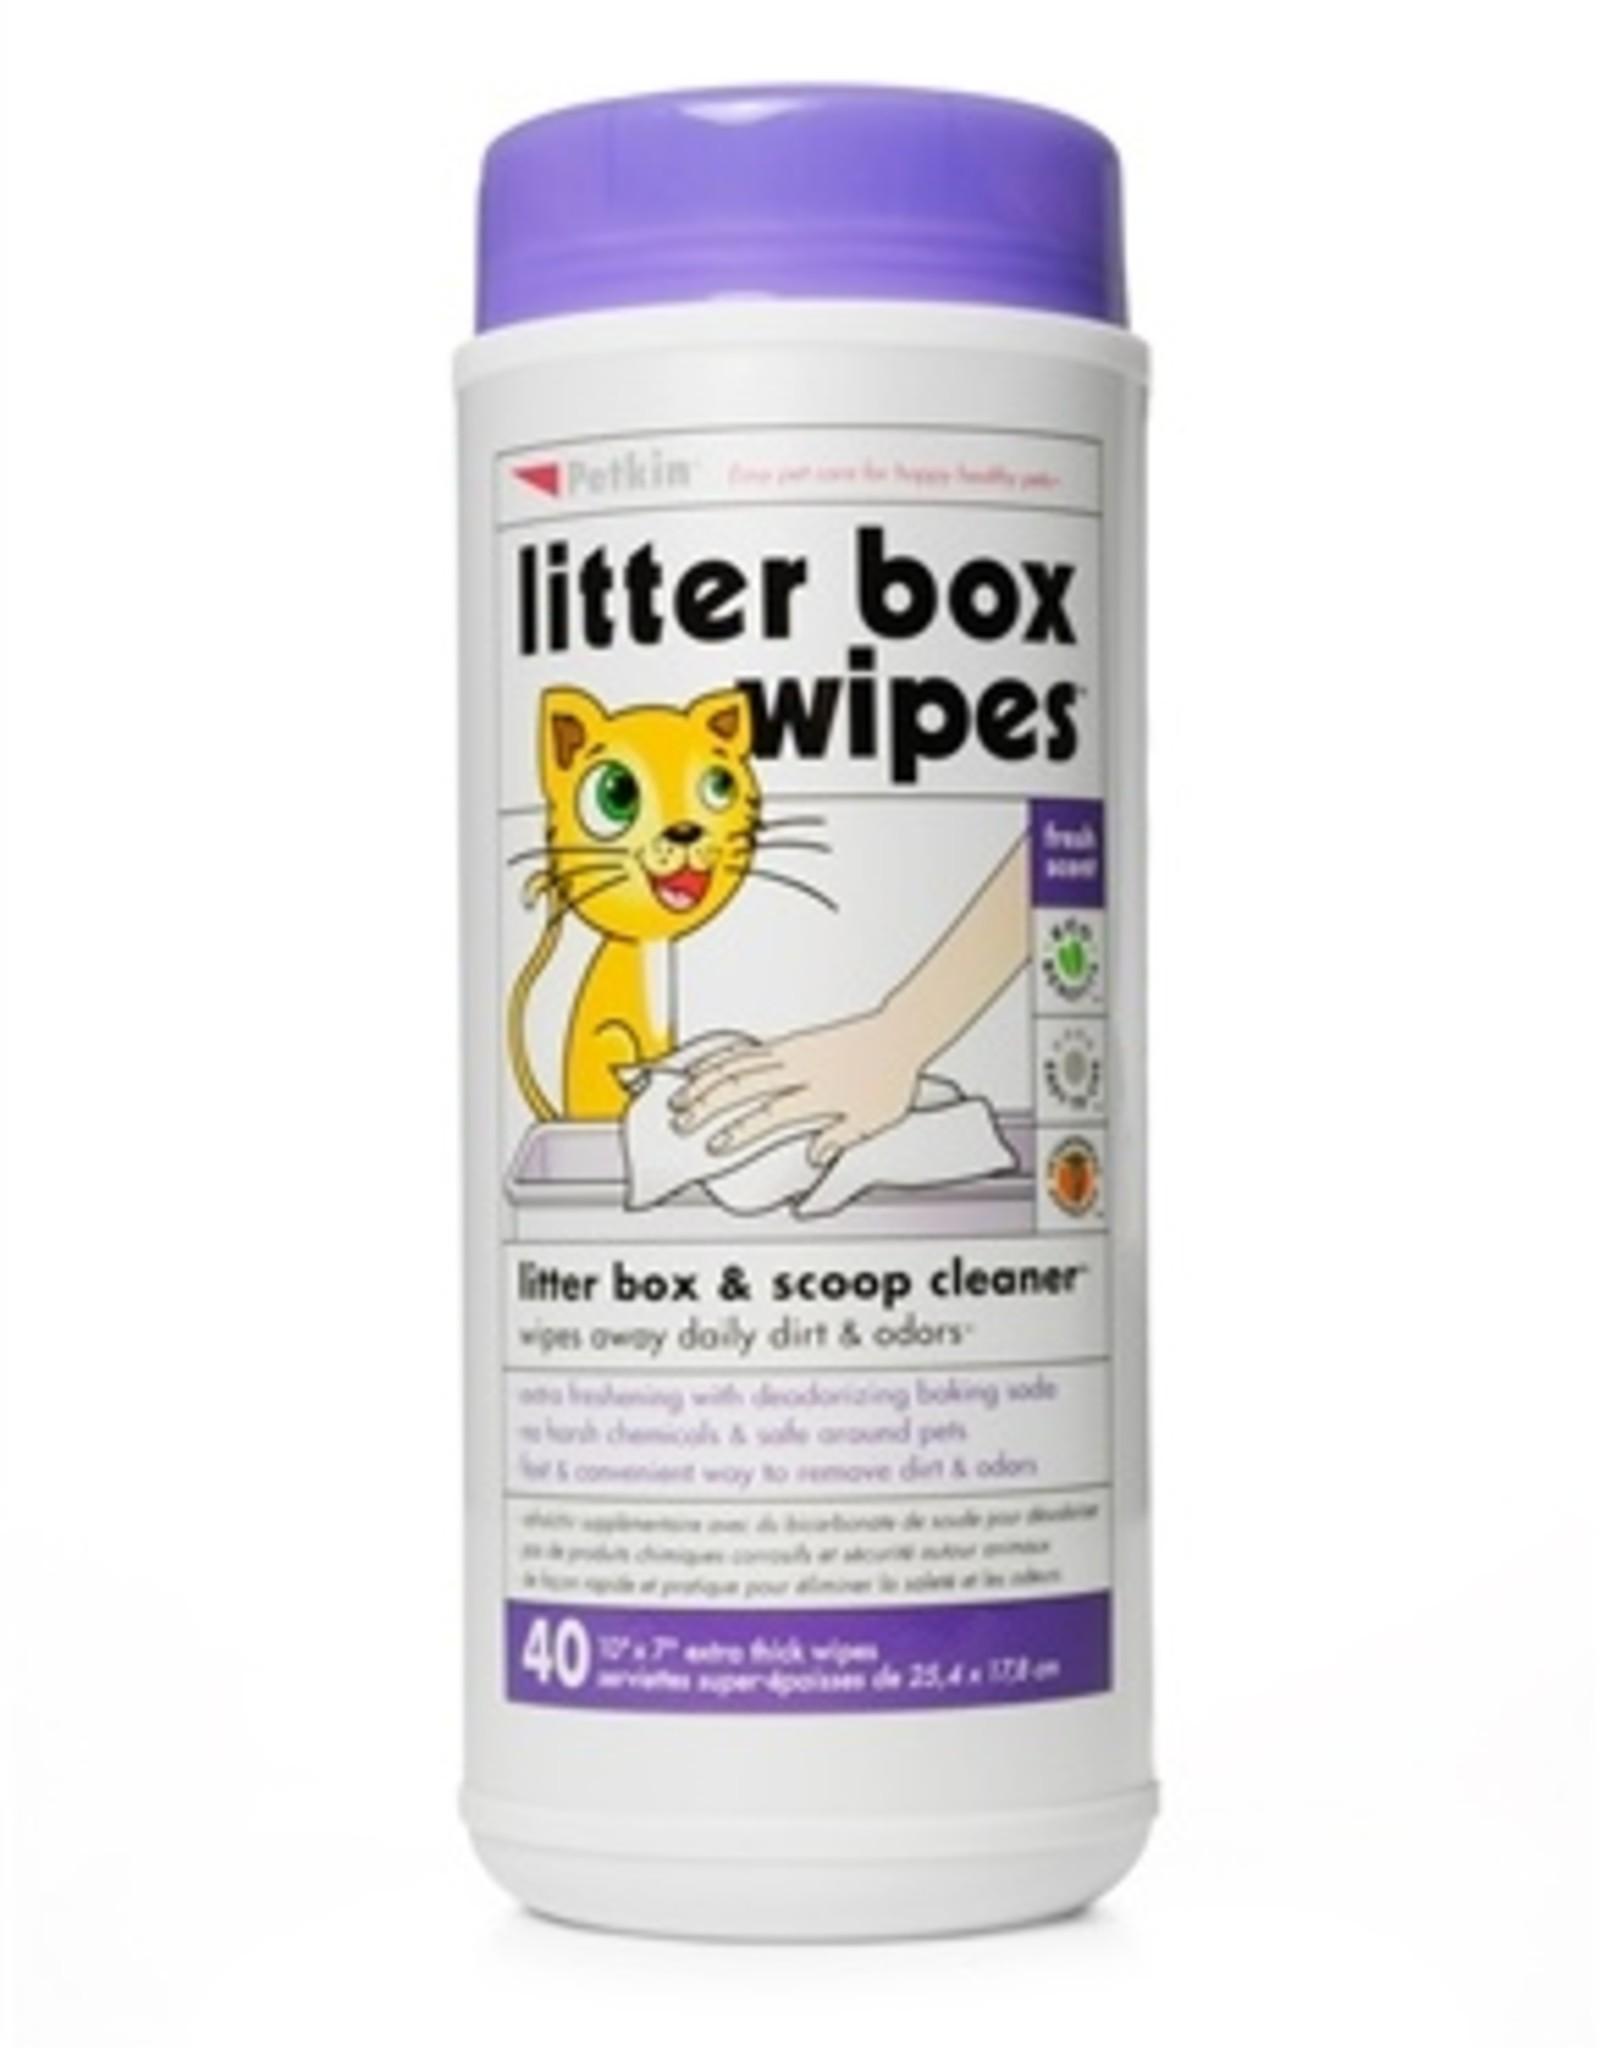 PetKin Petkin - Litter Box Wipes